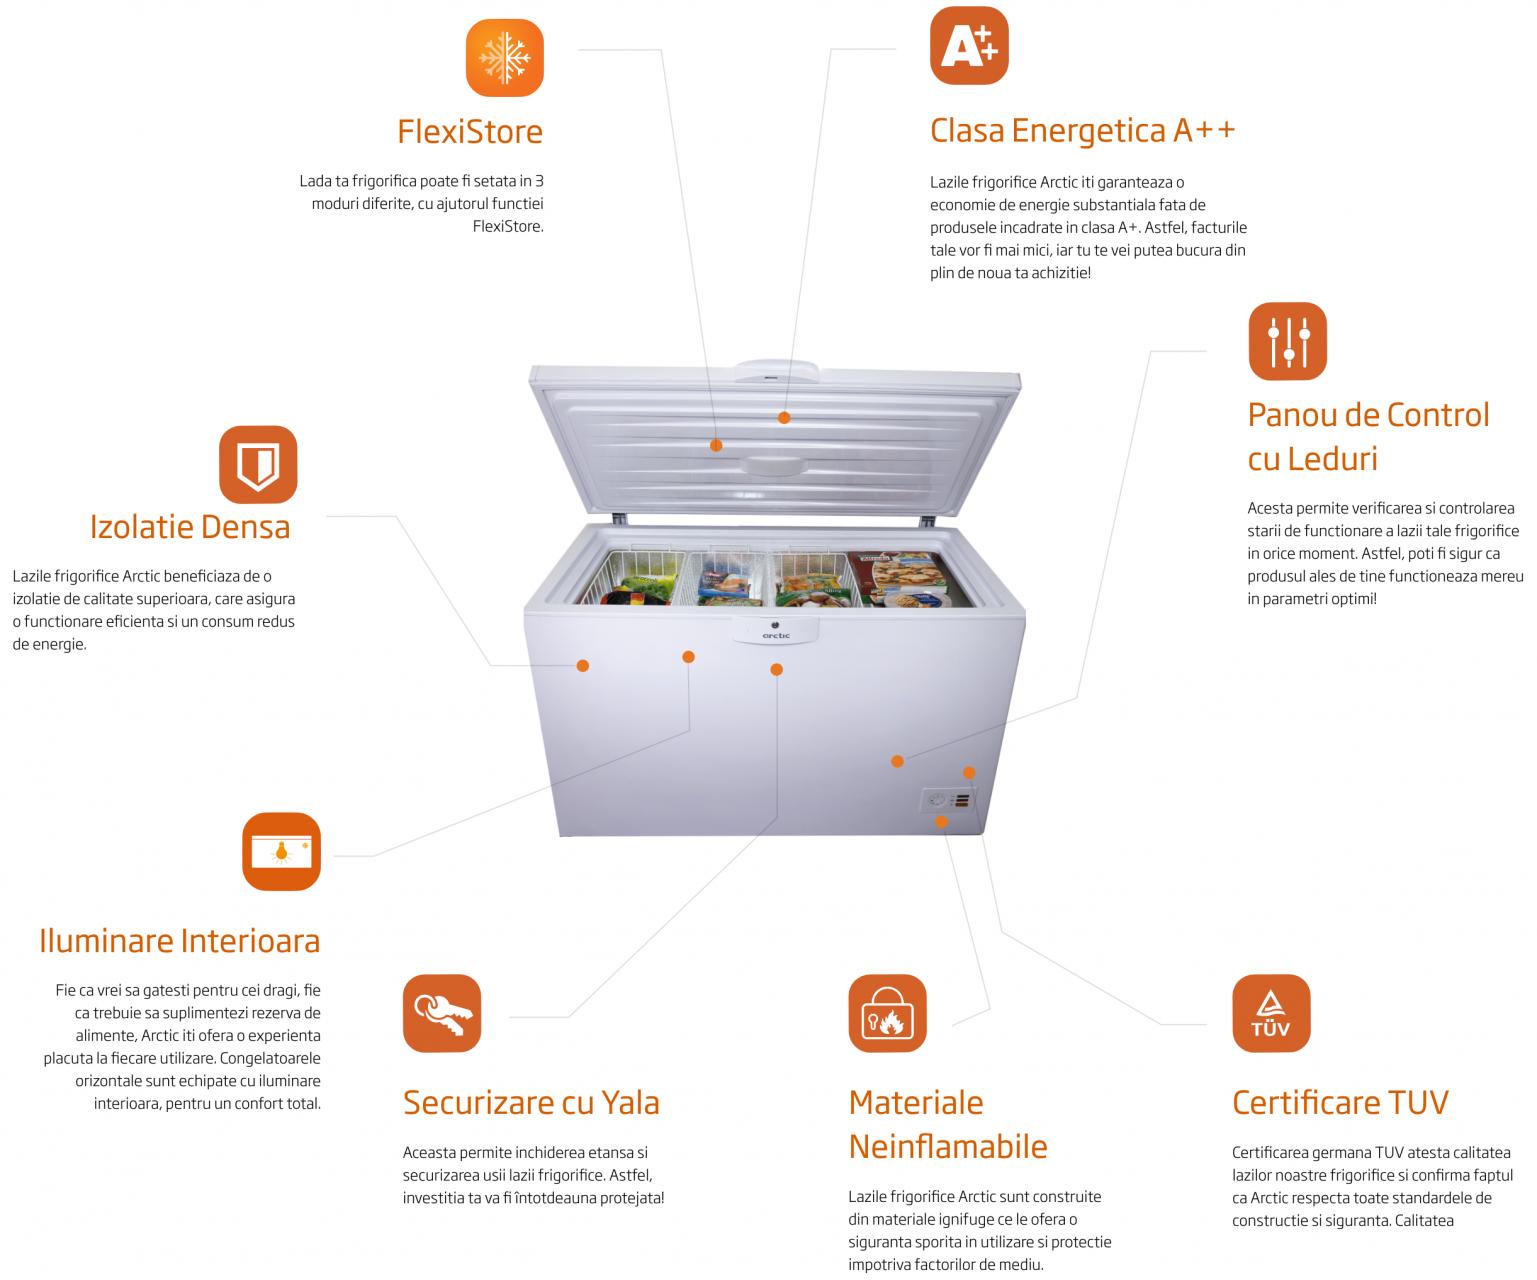 caracteristici lazi frigorifice arctic